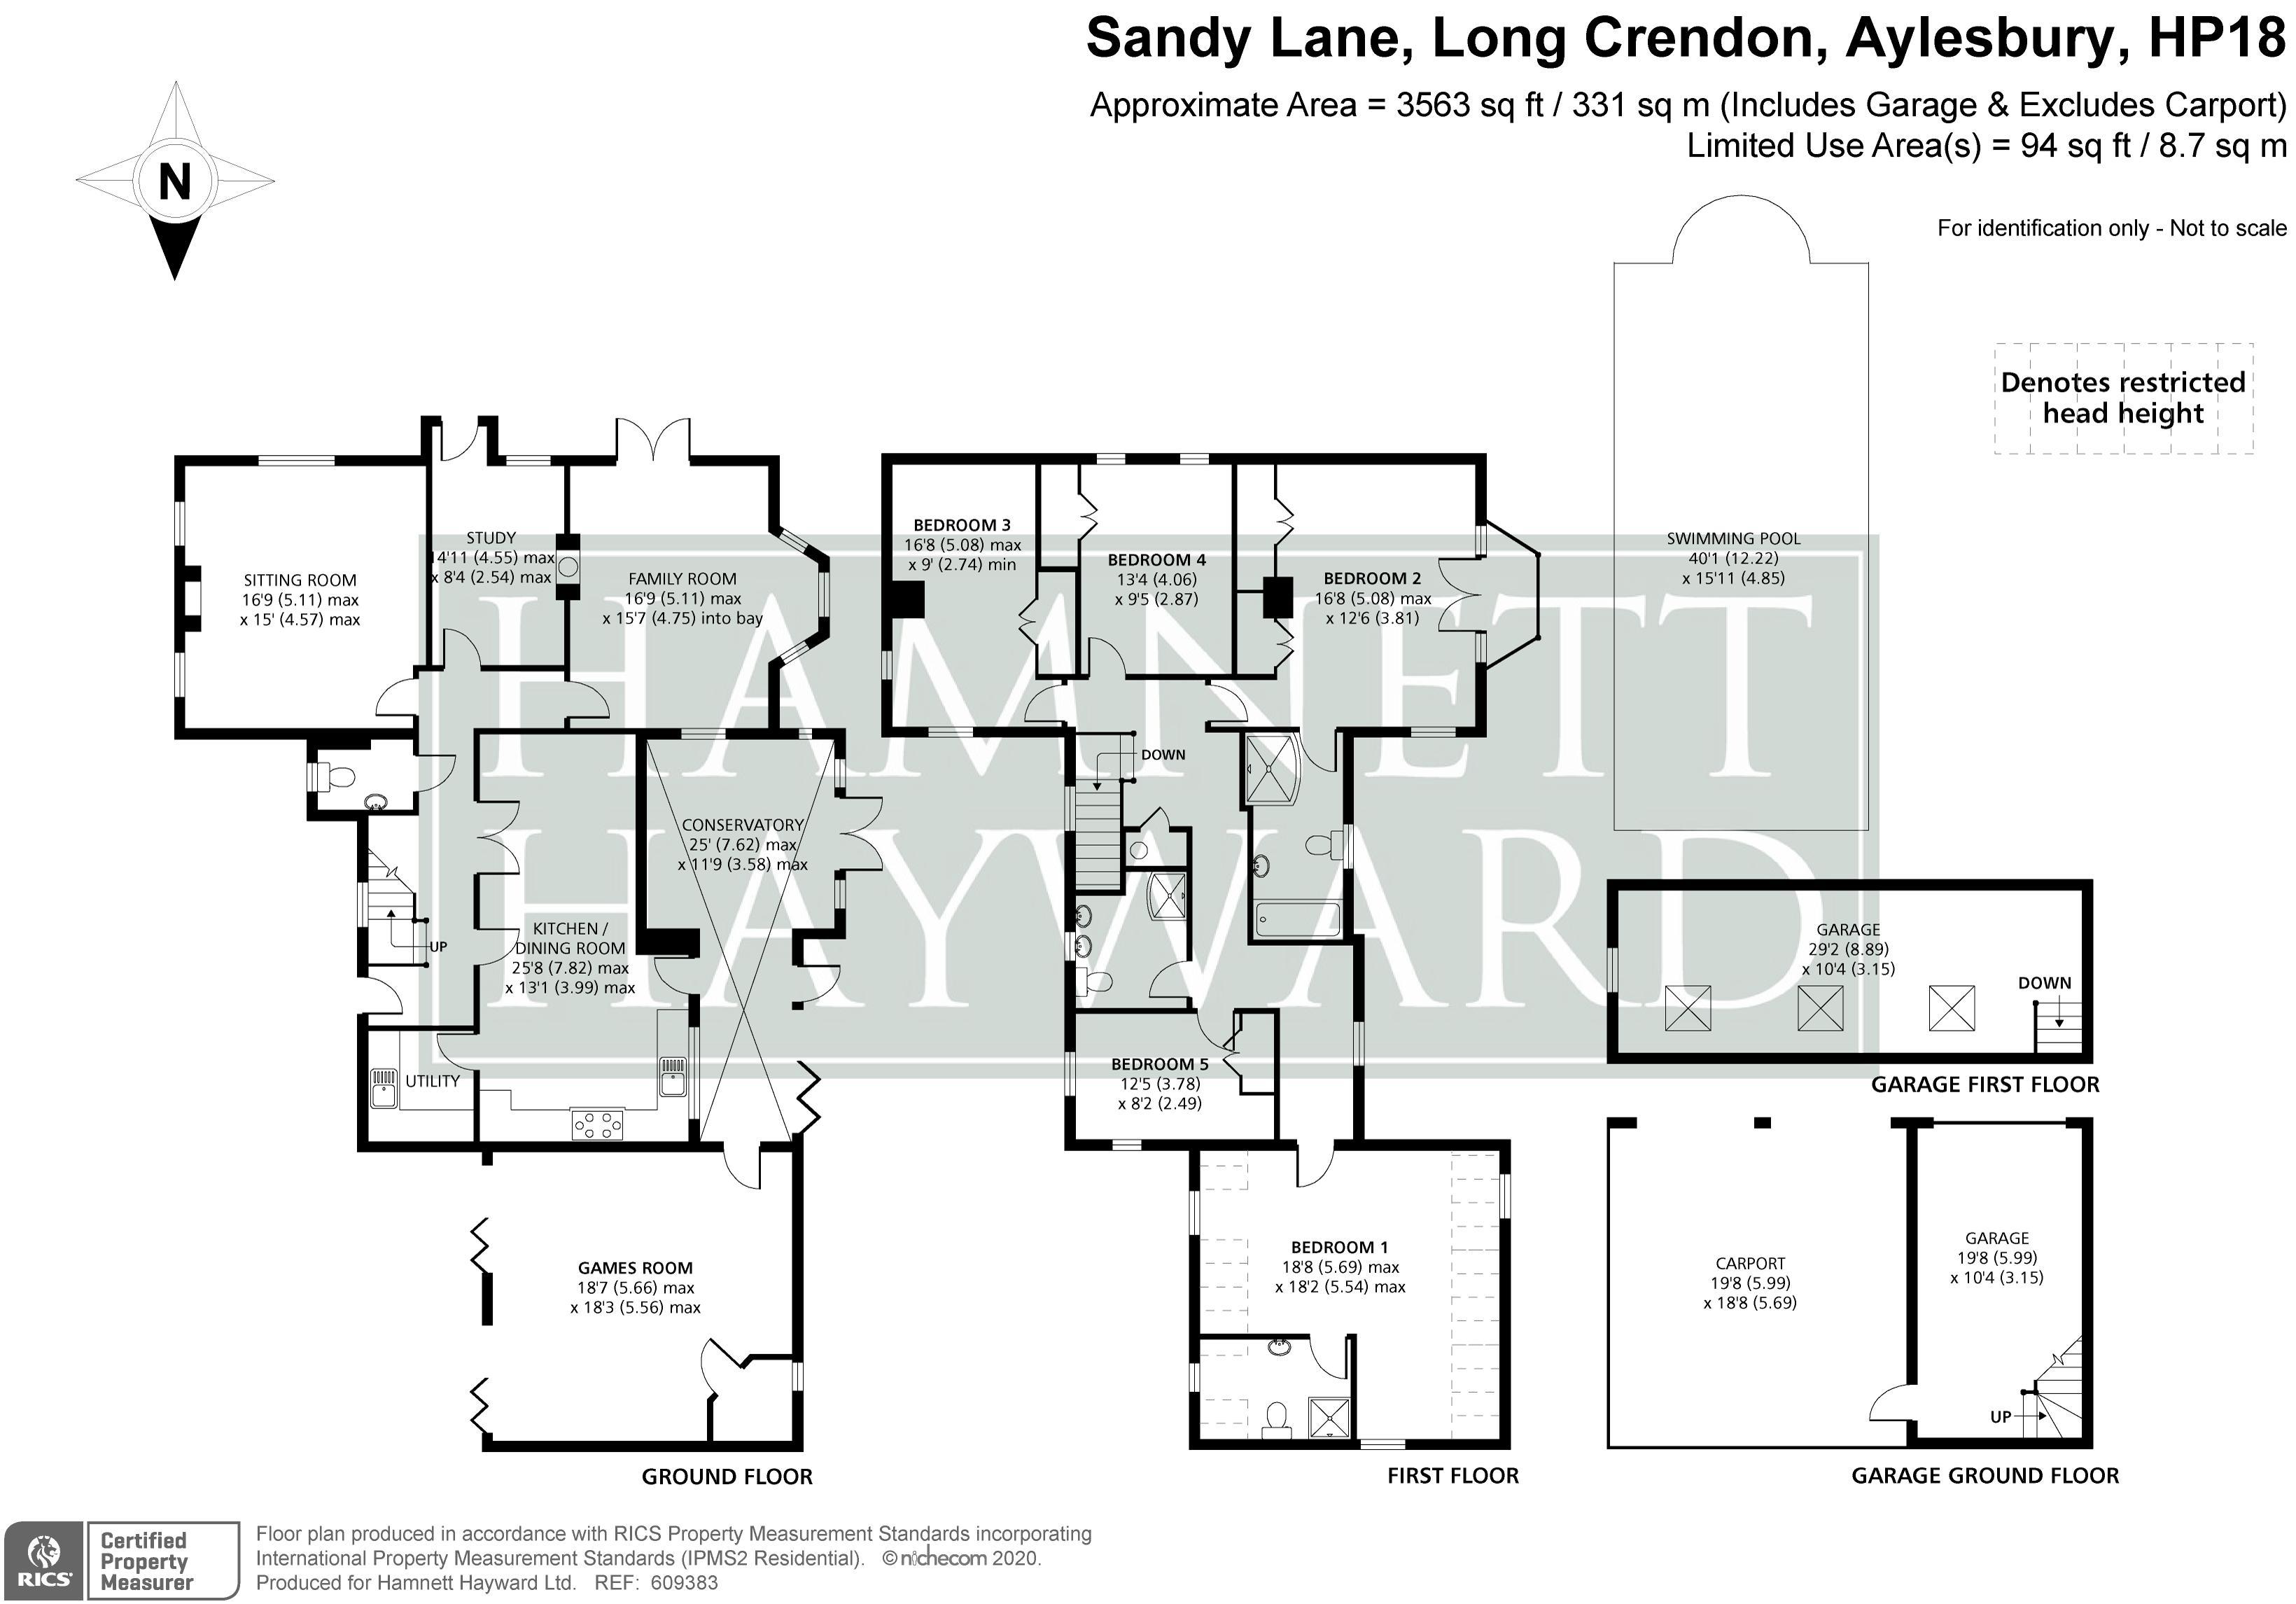 Sandy Lane Long Crendon